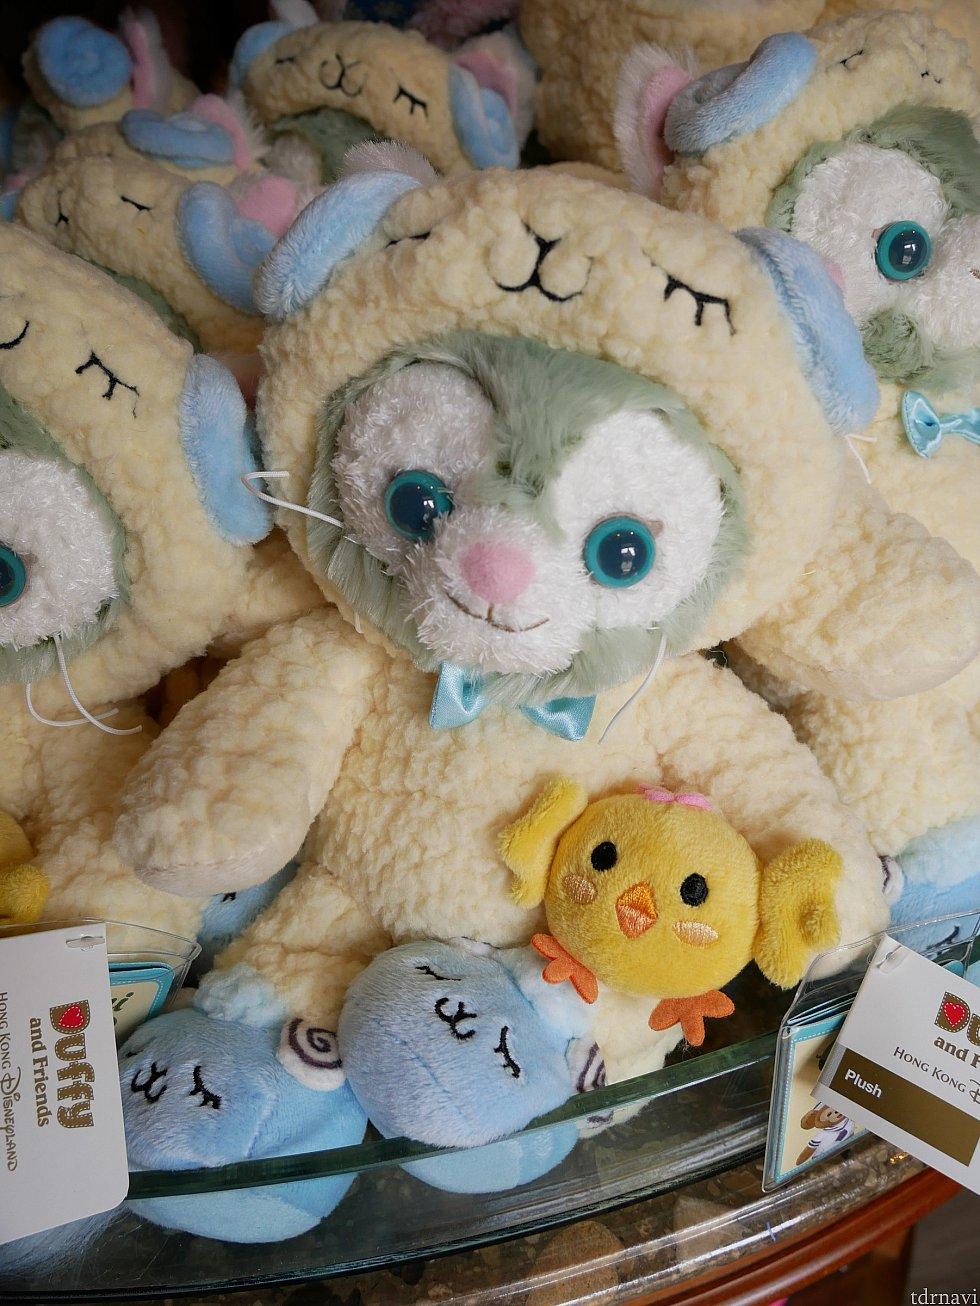 ジェラトーニには羊の着ぐるみ😁 イースターはちゃんとぬいぐるみが発売されて良かったです😍